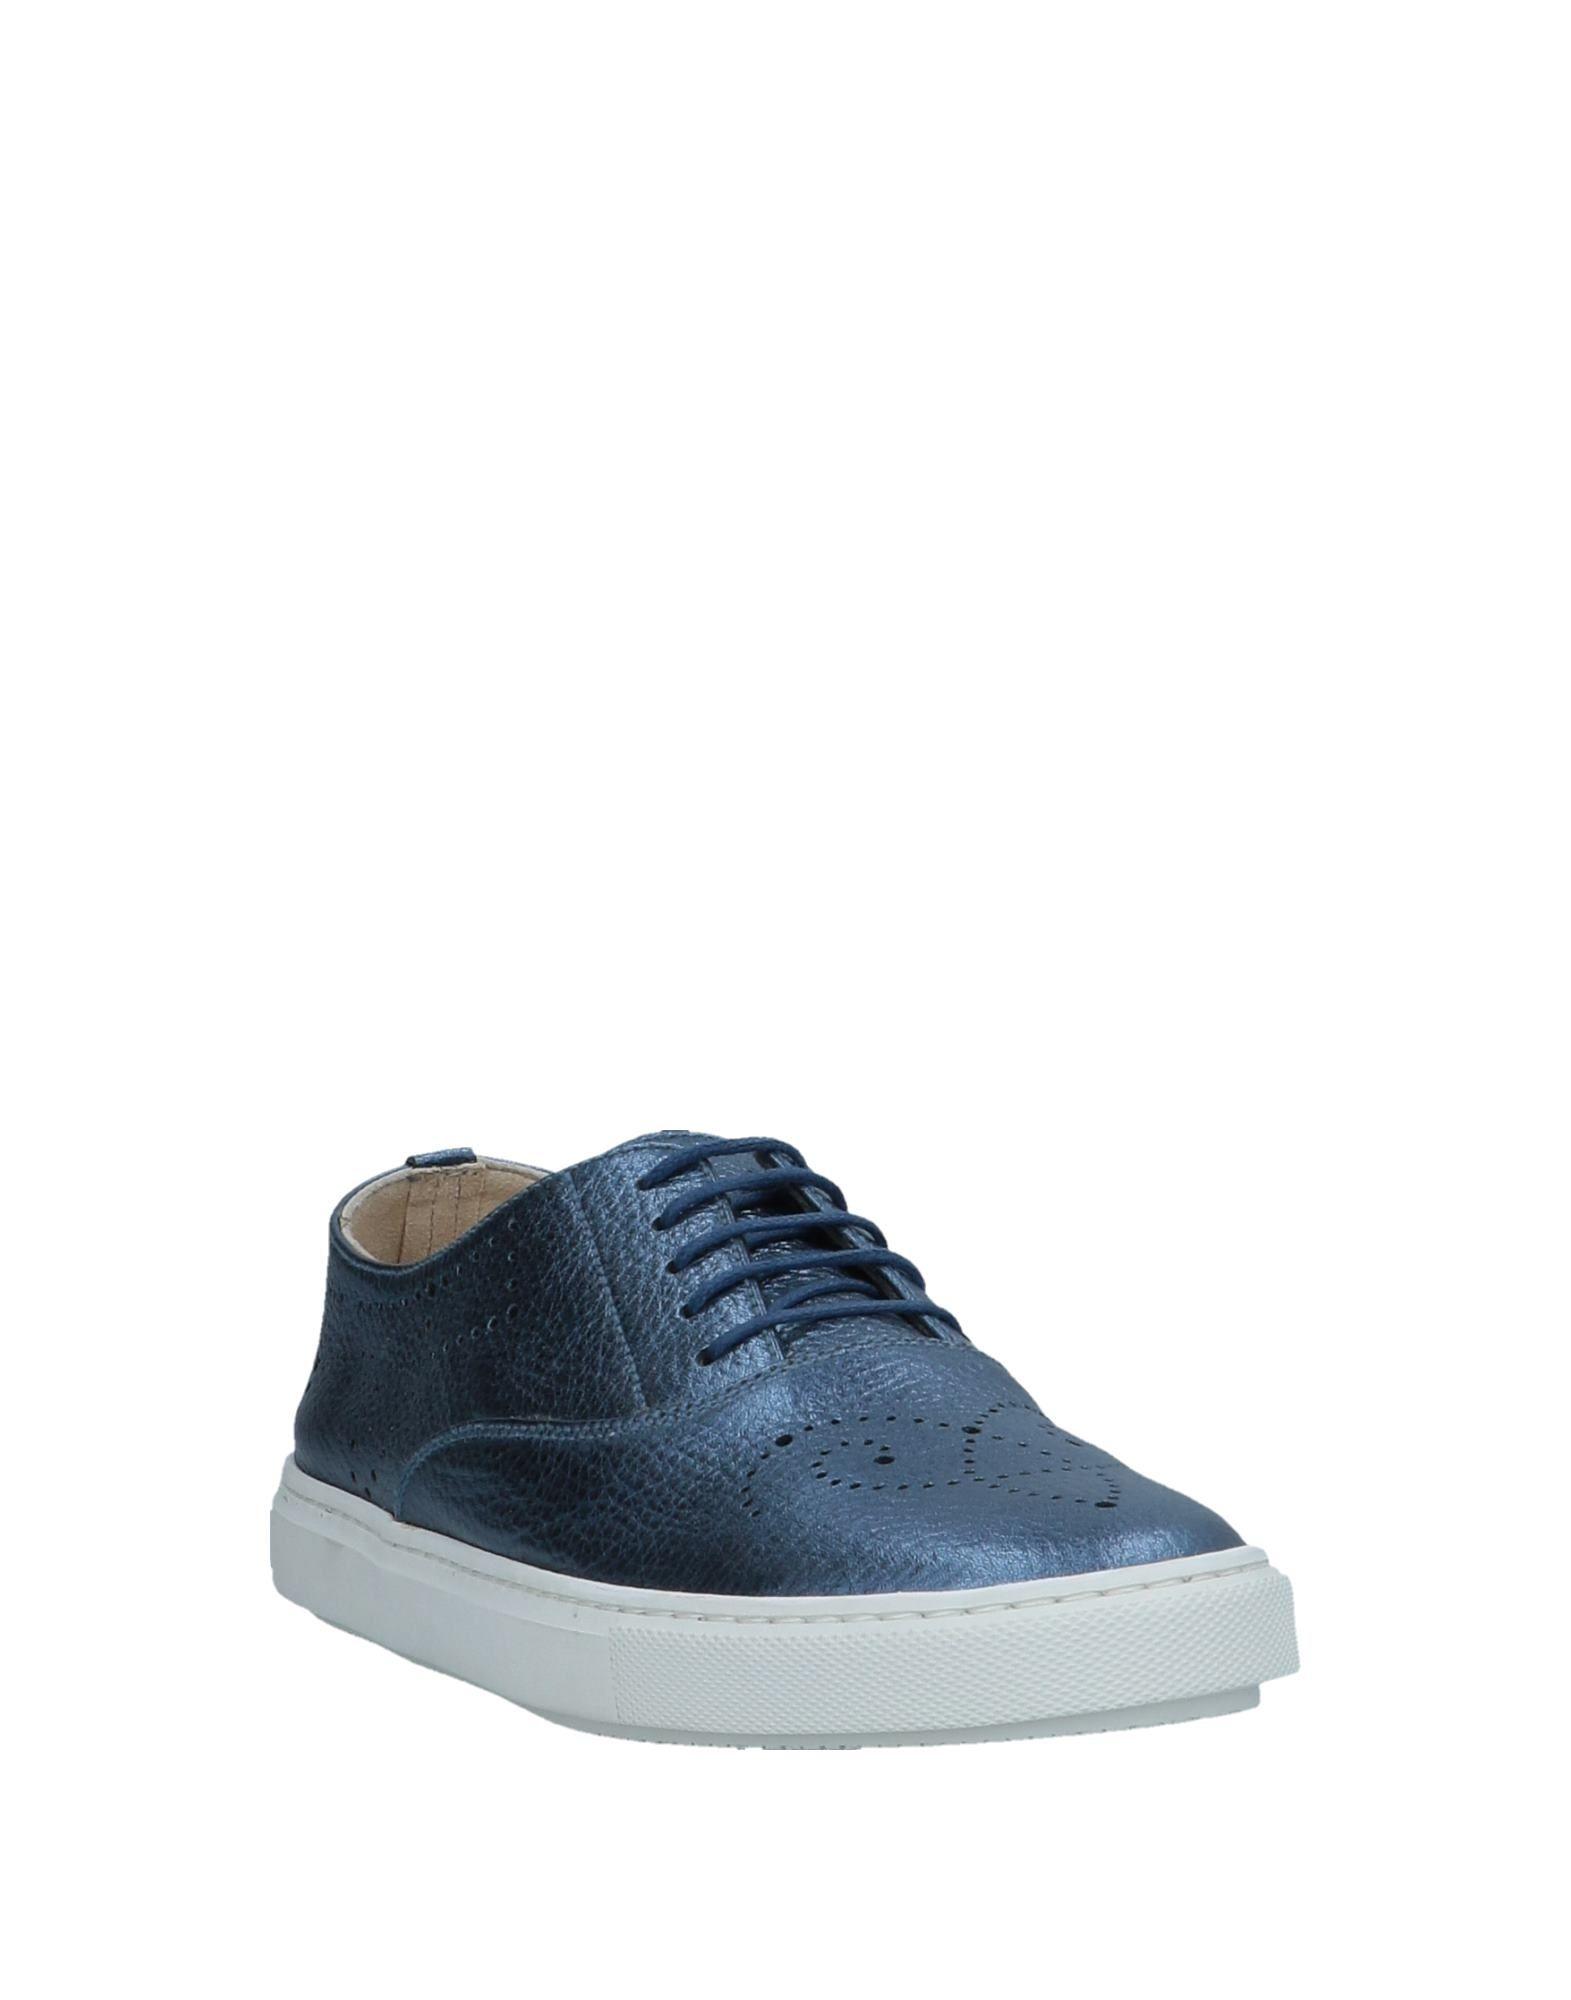 Stilvolle Rossetti billige Schuhe Fratelli Rossetti Stilvolle Sneakers Damen  11118233UX e80286